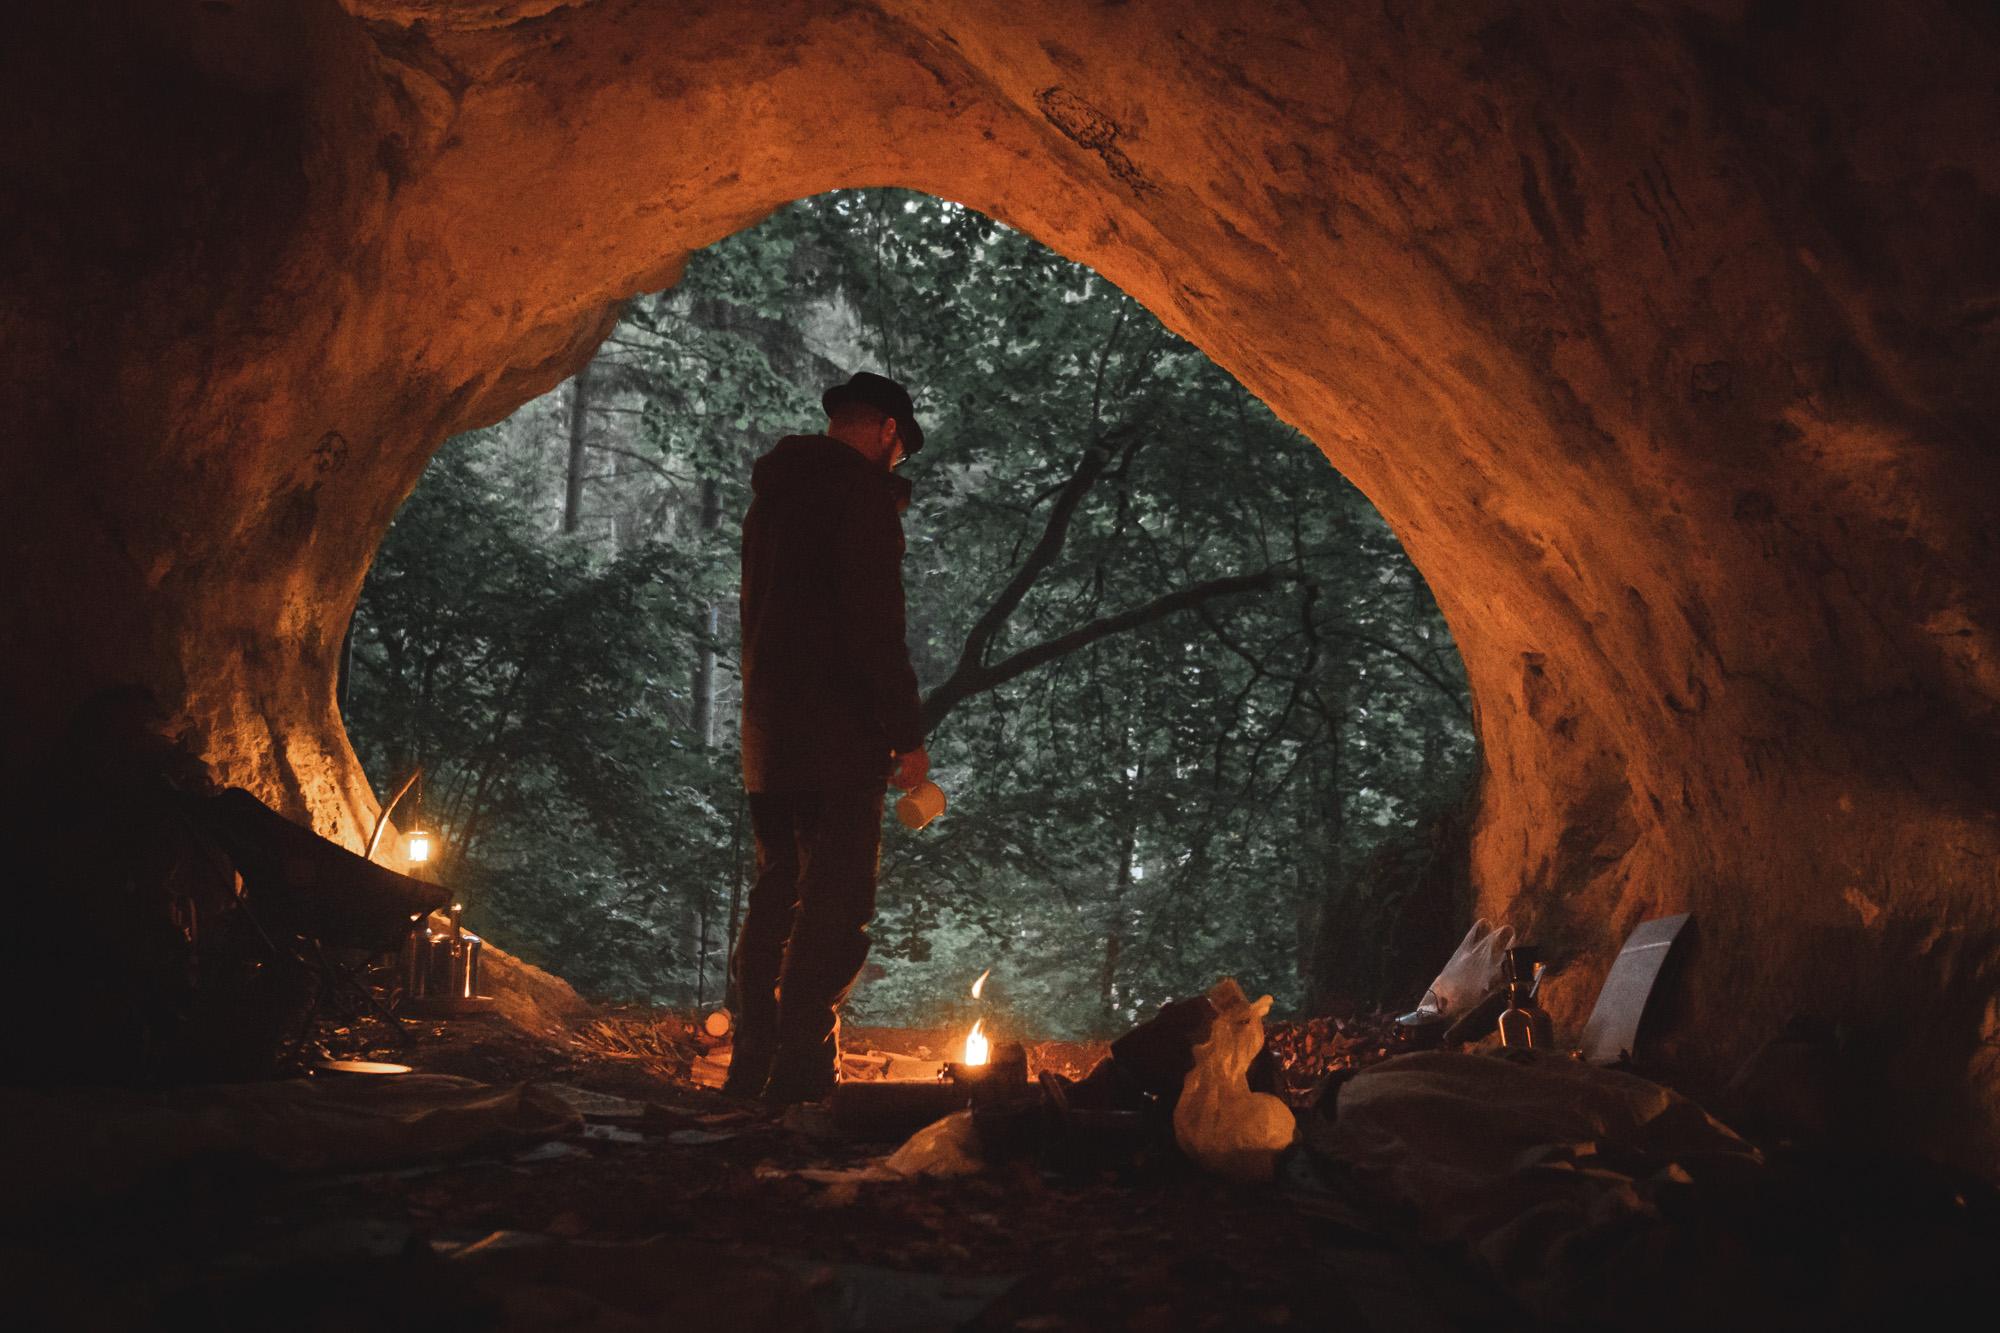 Naturbursche Markus - Oberneder Höhle - Overnighter - Biwaksack - Höhlenübernachtung